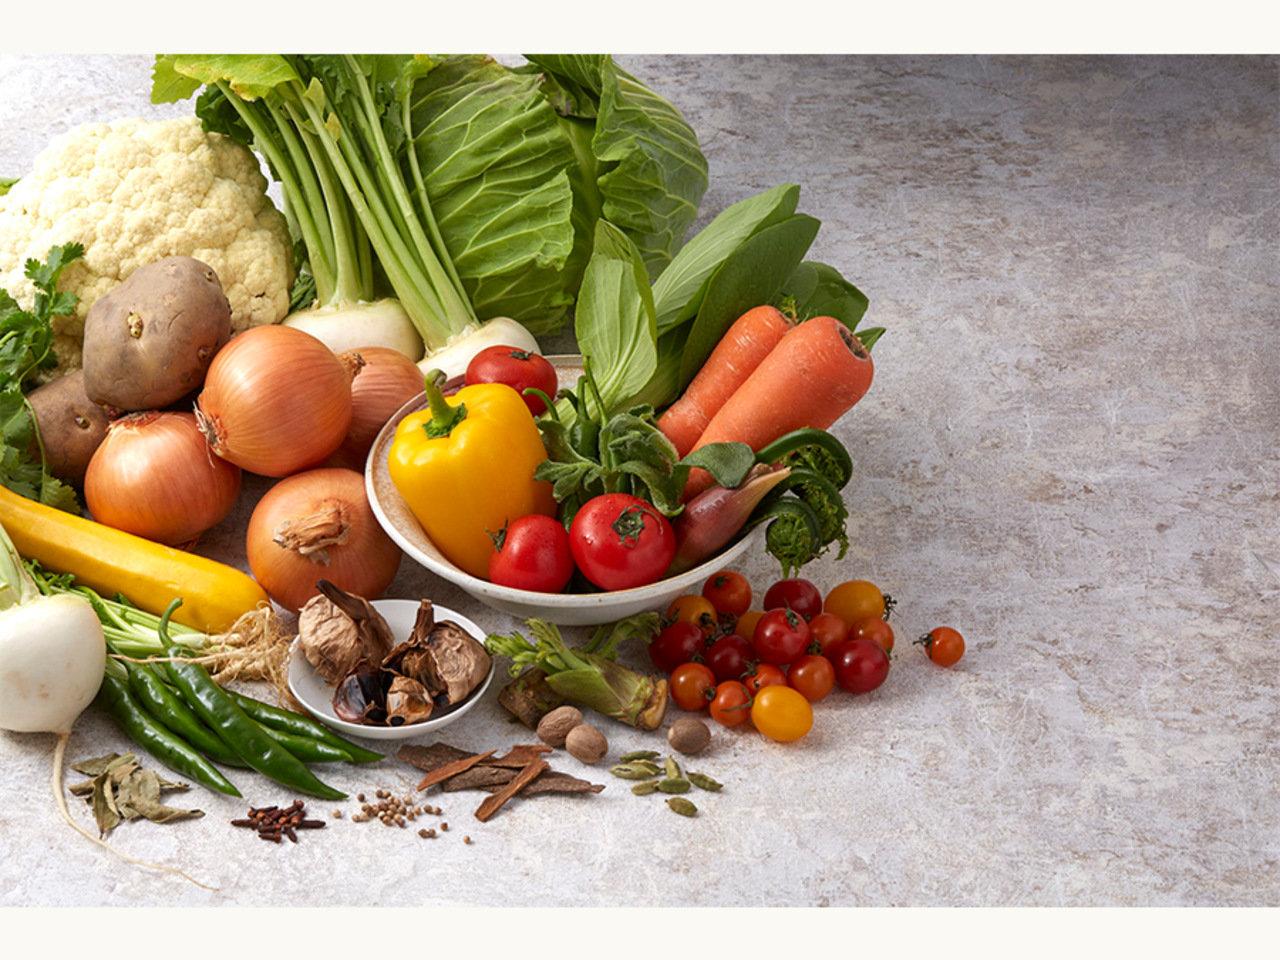 旬の野菜で作るスパイスカレー「MINGLE